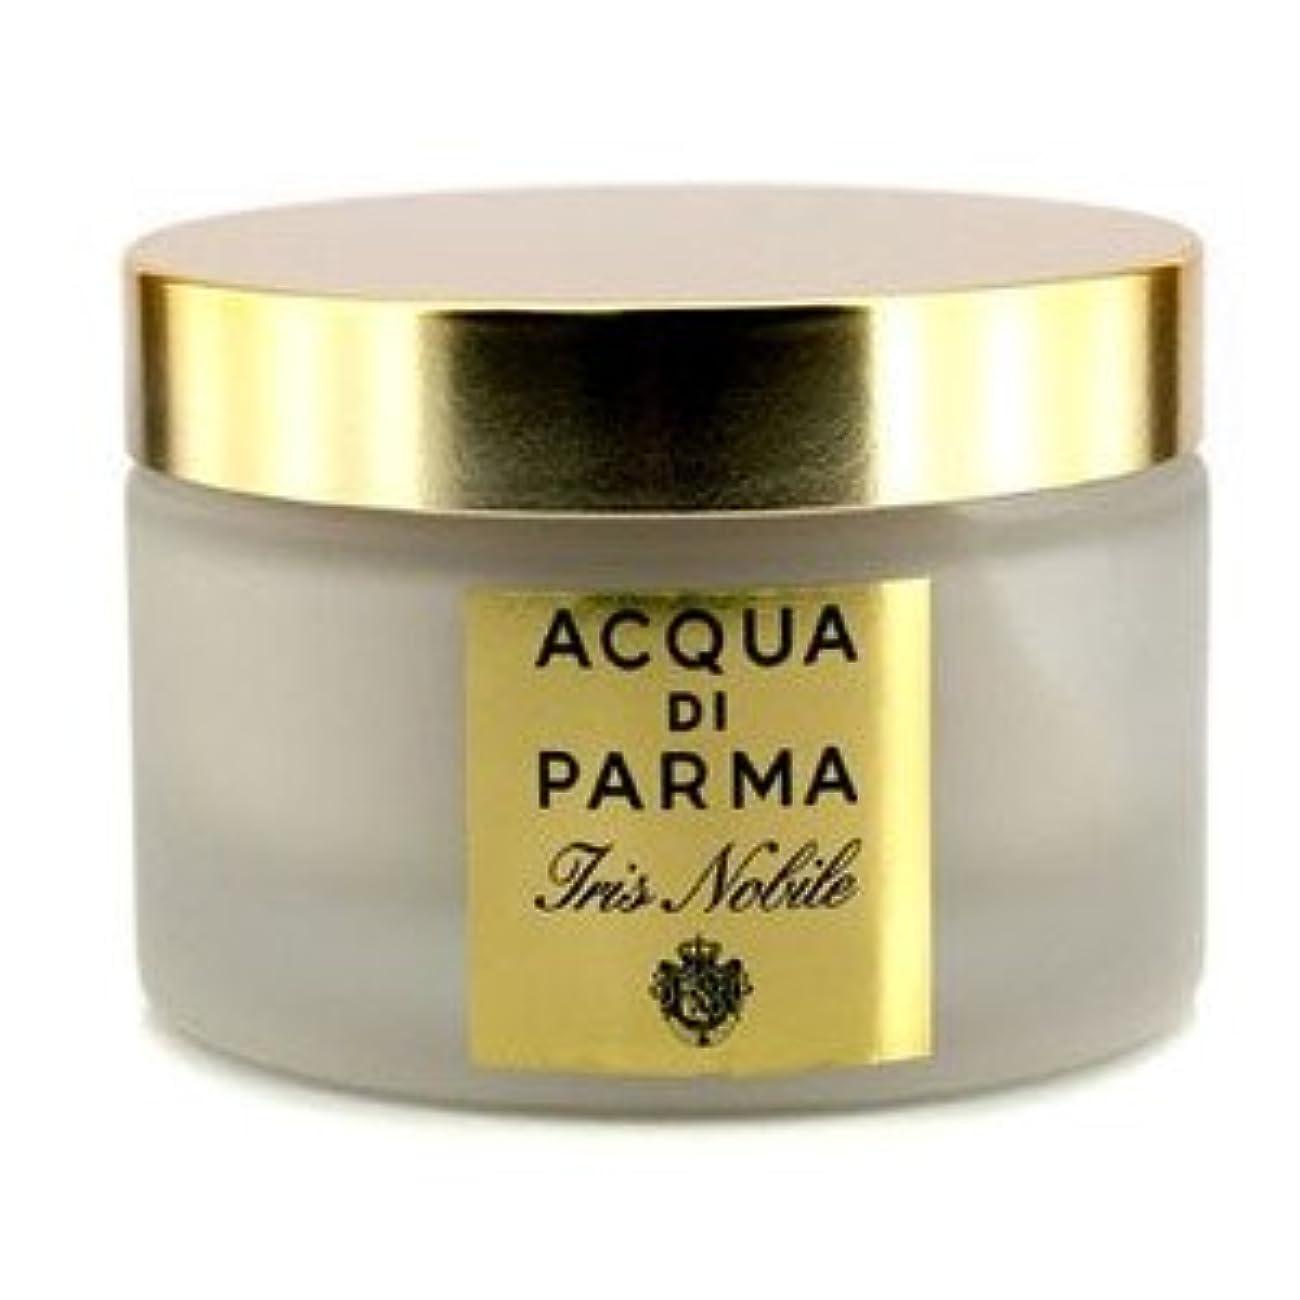 実行可能上級イディオムアクア ディ パルマ[Acqua Di Parma] アイリス ノービル ルミナス ボディ クリーム 150g/5.25oz [並行輸入品]